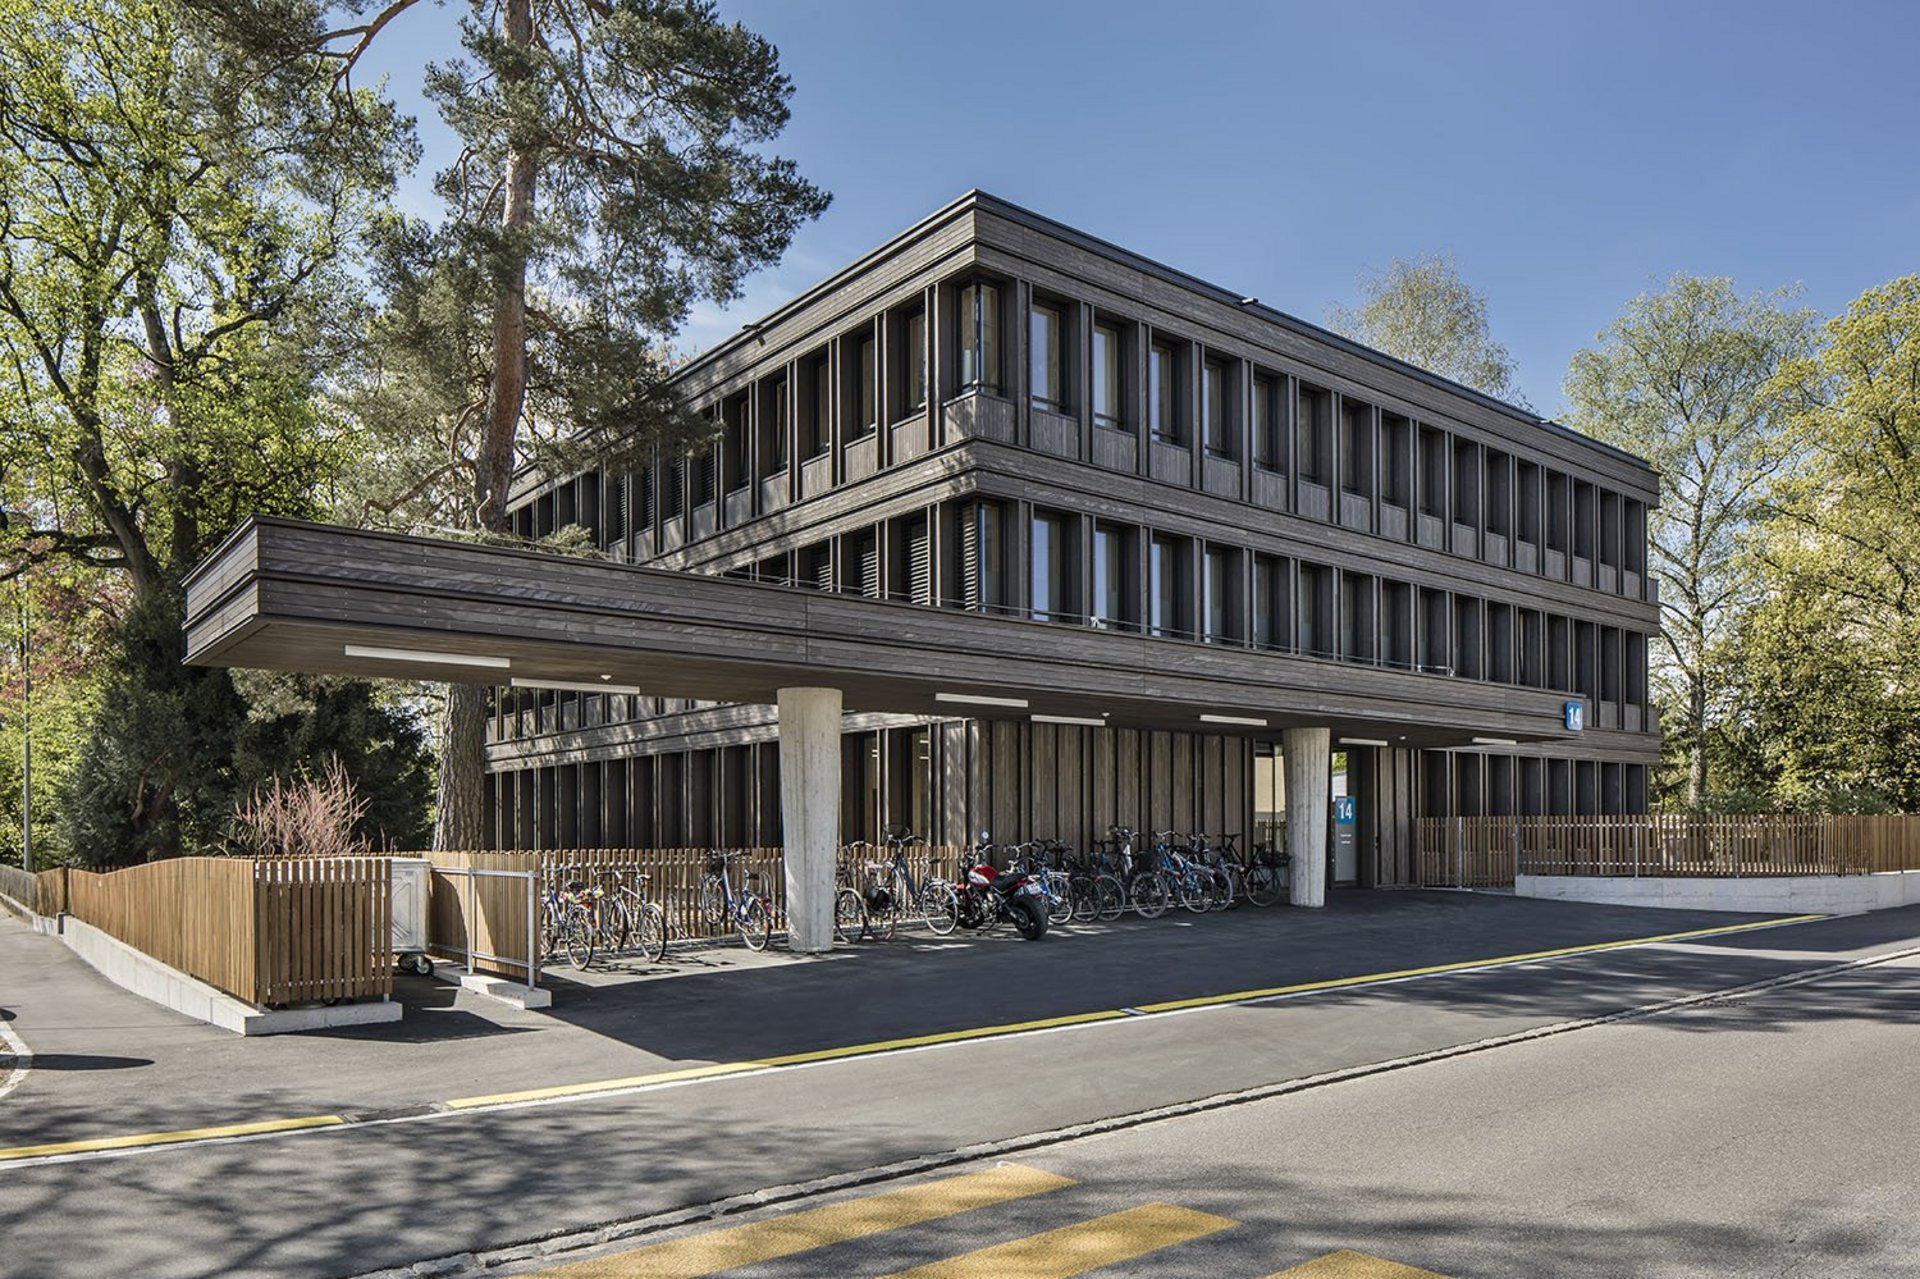 Aarau, Architektur, Holzbau, Holzfassade, Kantonsspital Aarau, Neubau, Therapiezentrum